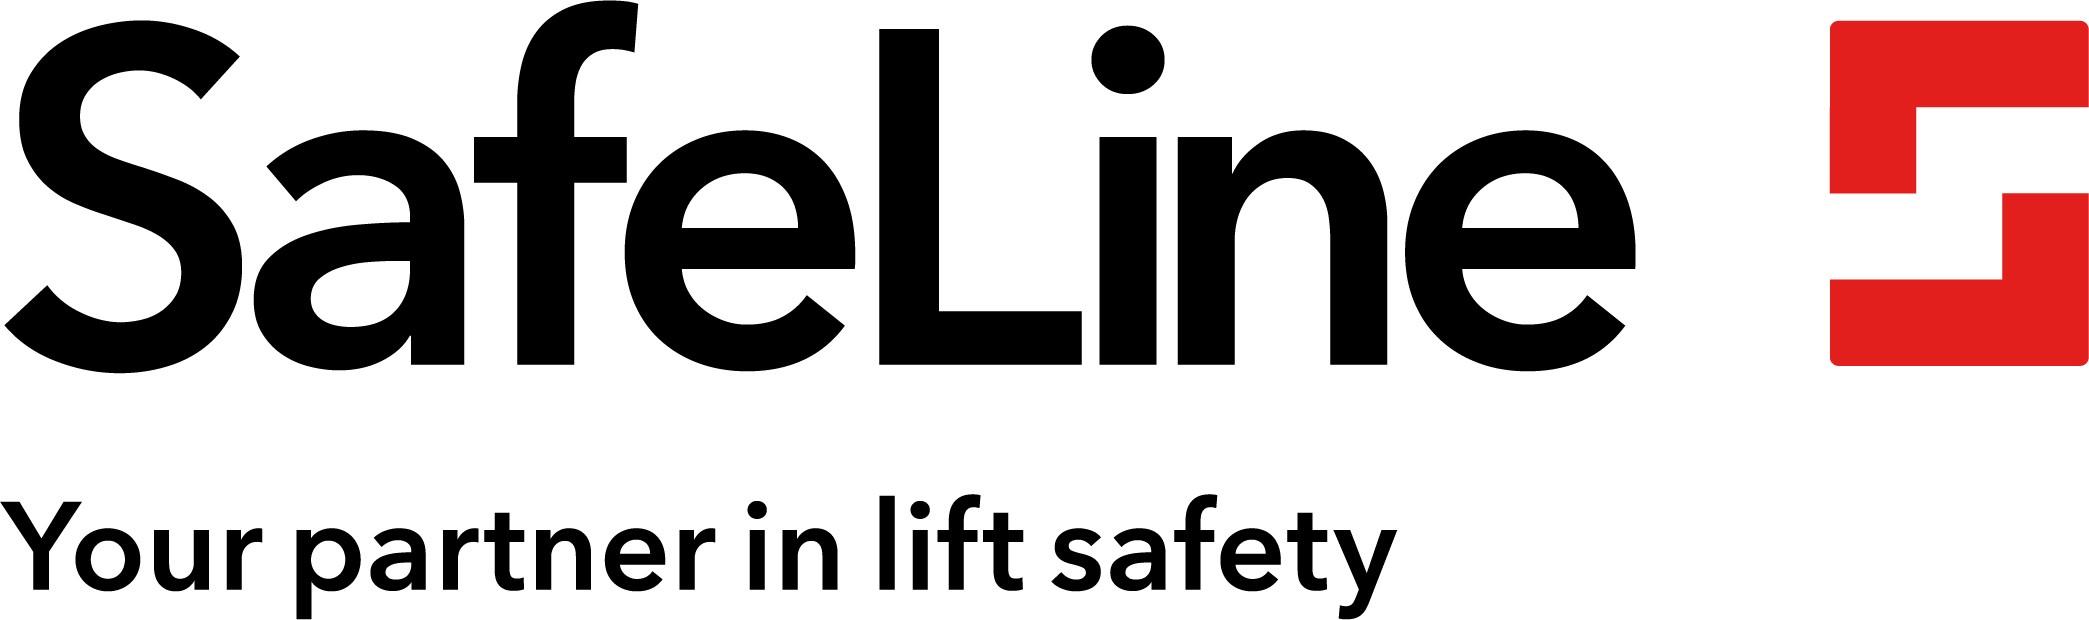 Safeline Sweden AB